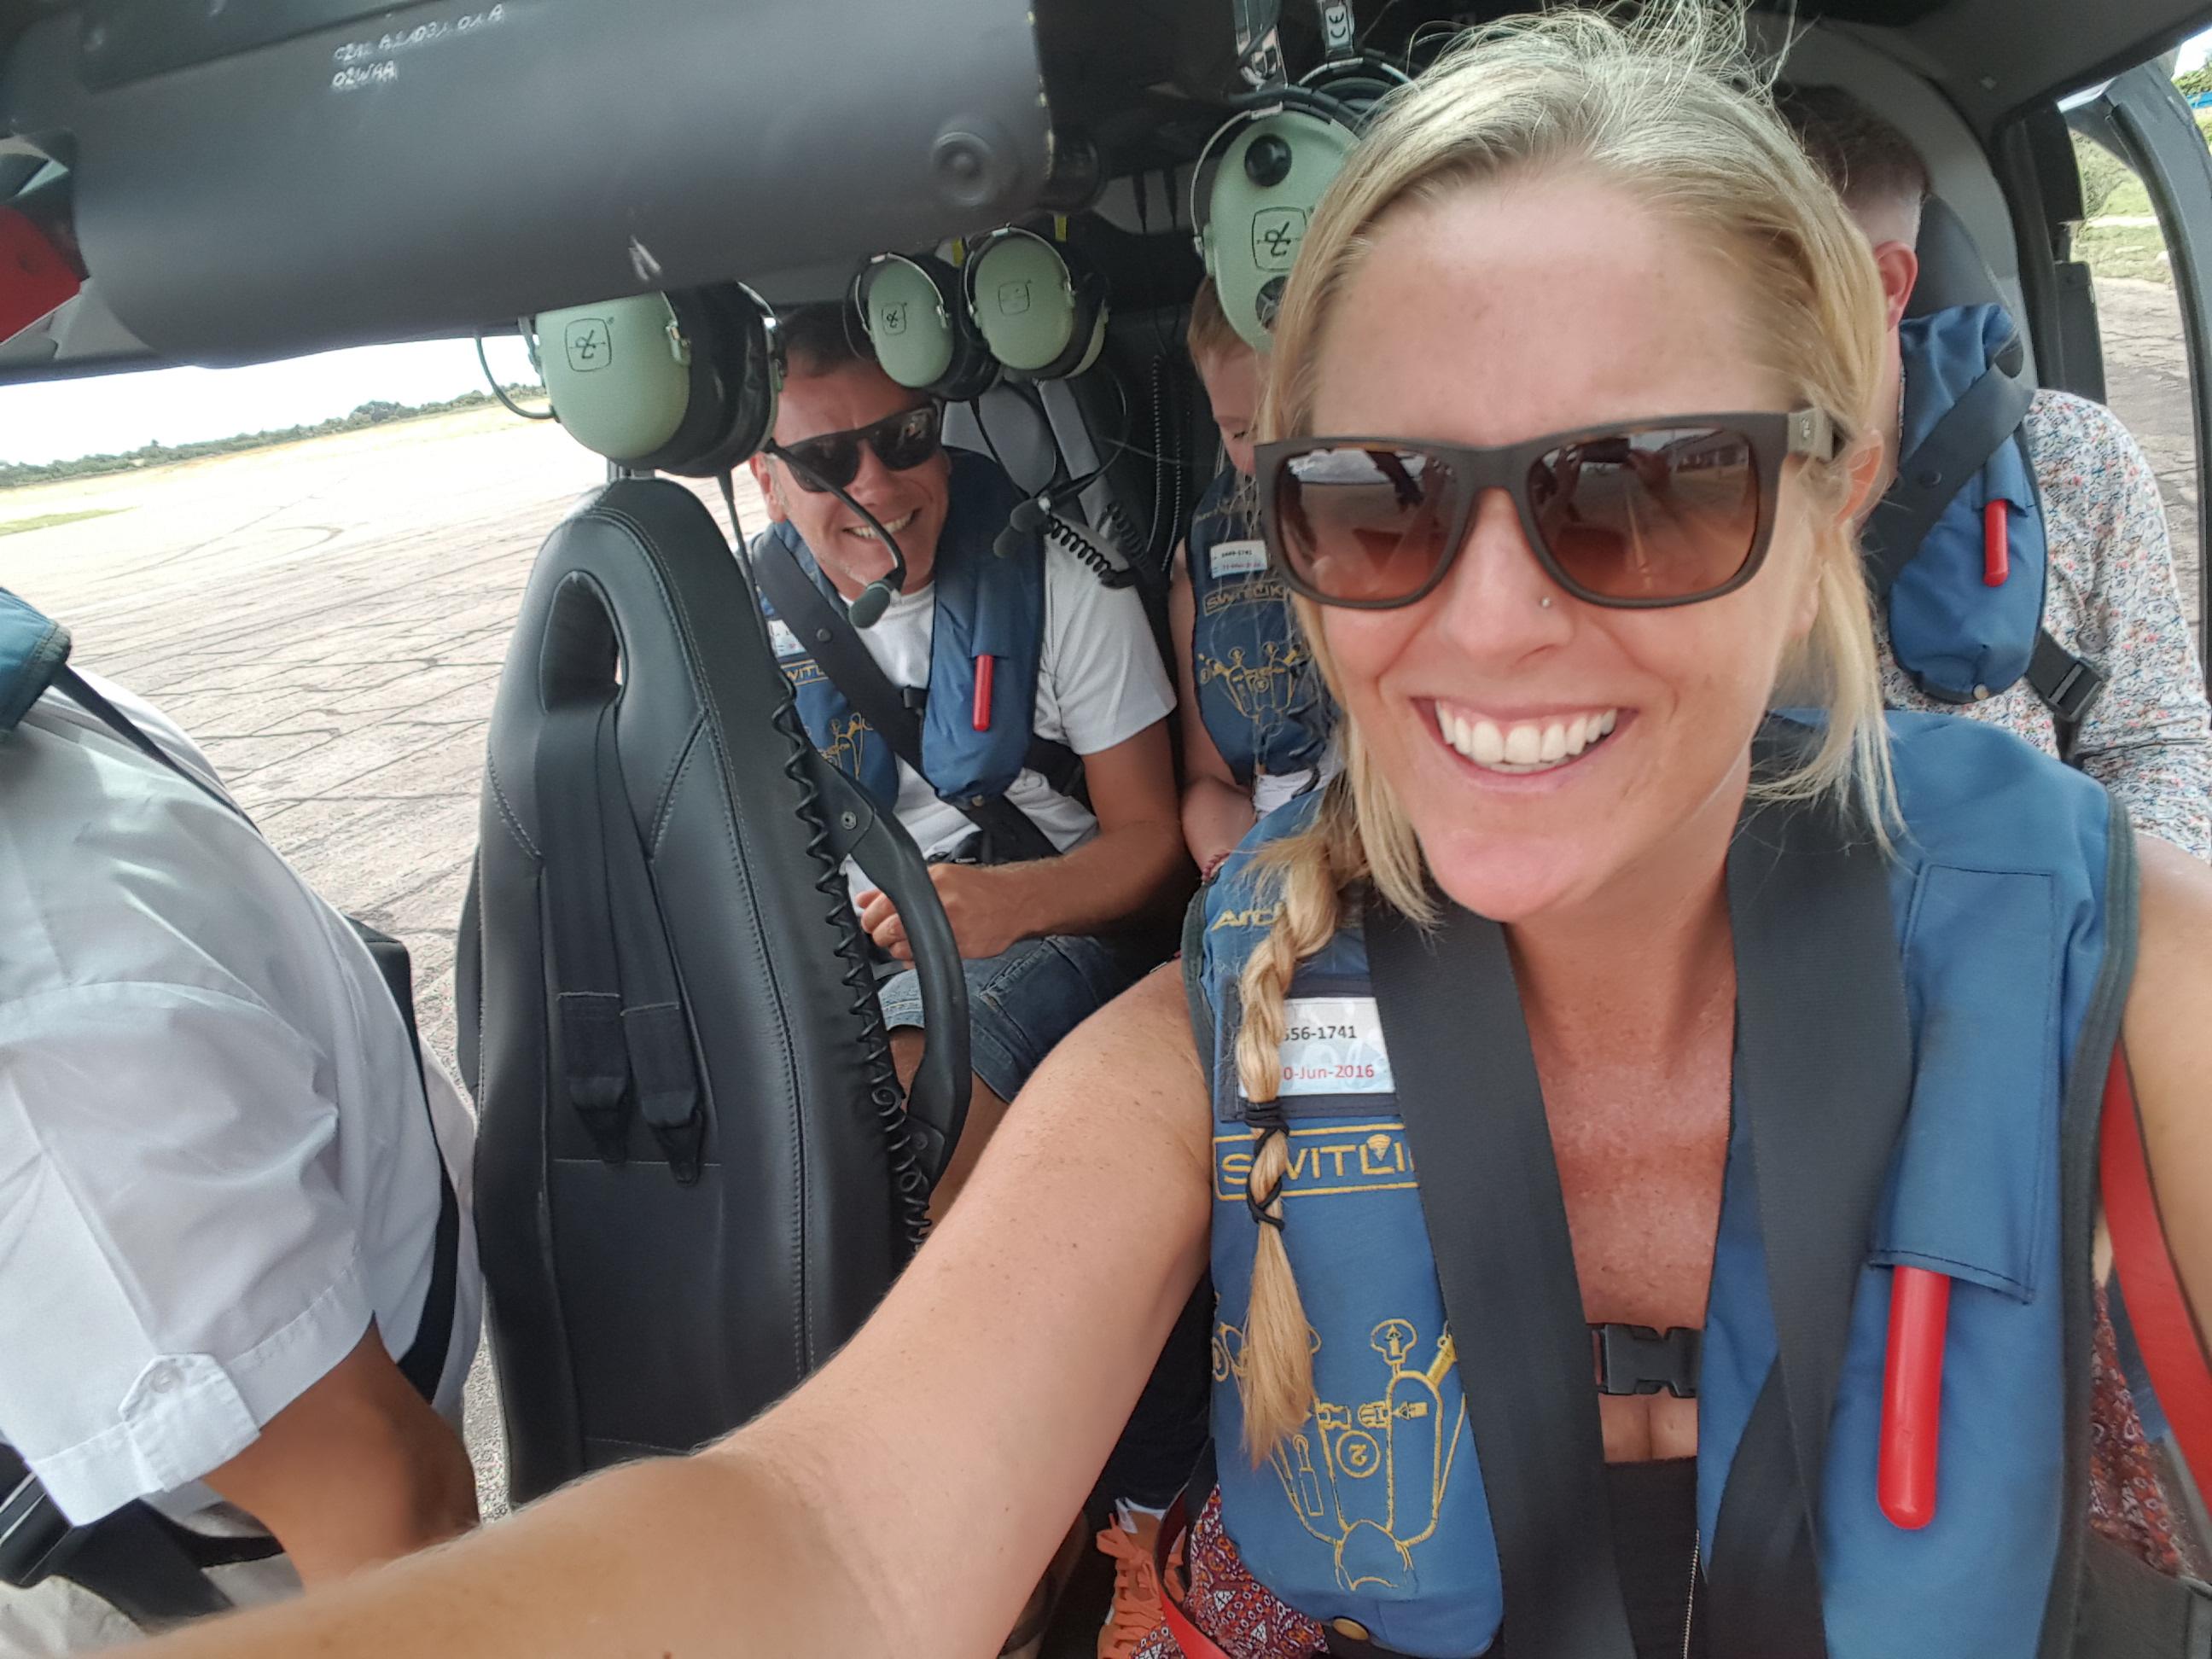 Selfie no helicóptero: eu sucumbi